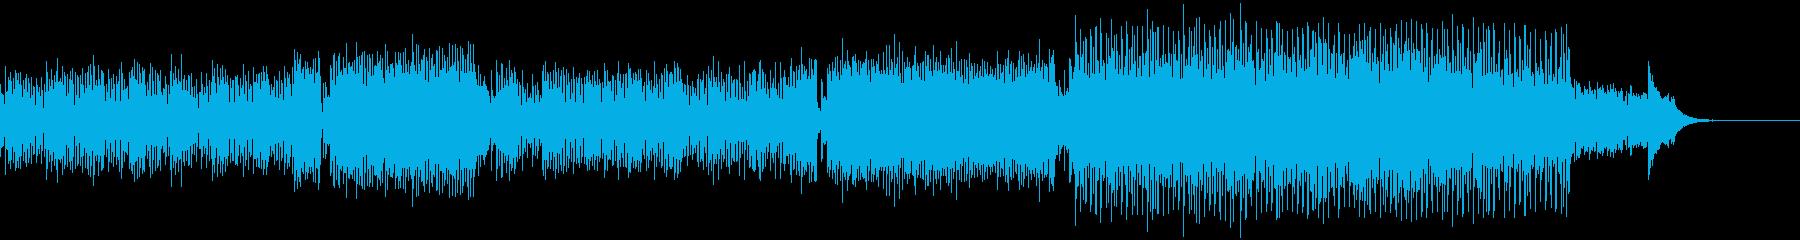 カントリー調からのEDMの再生済みの波形